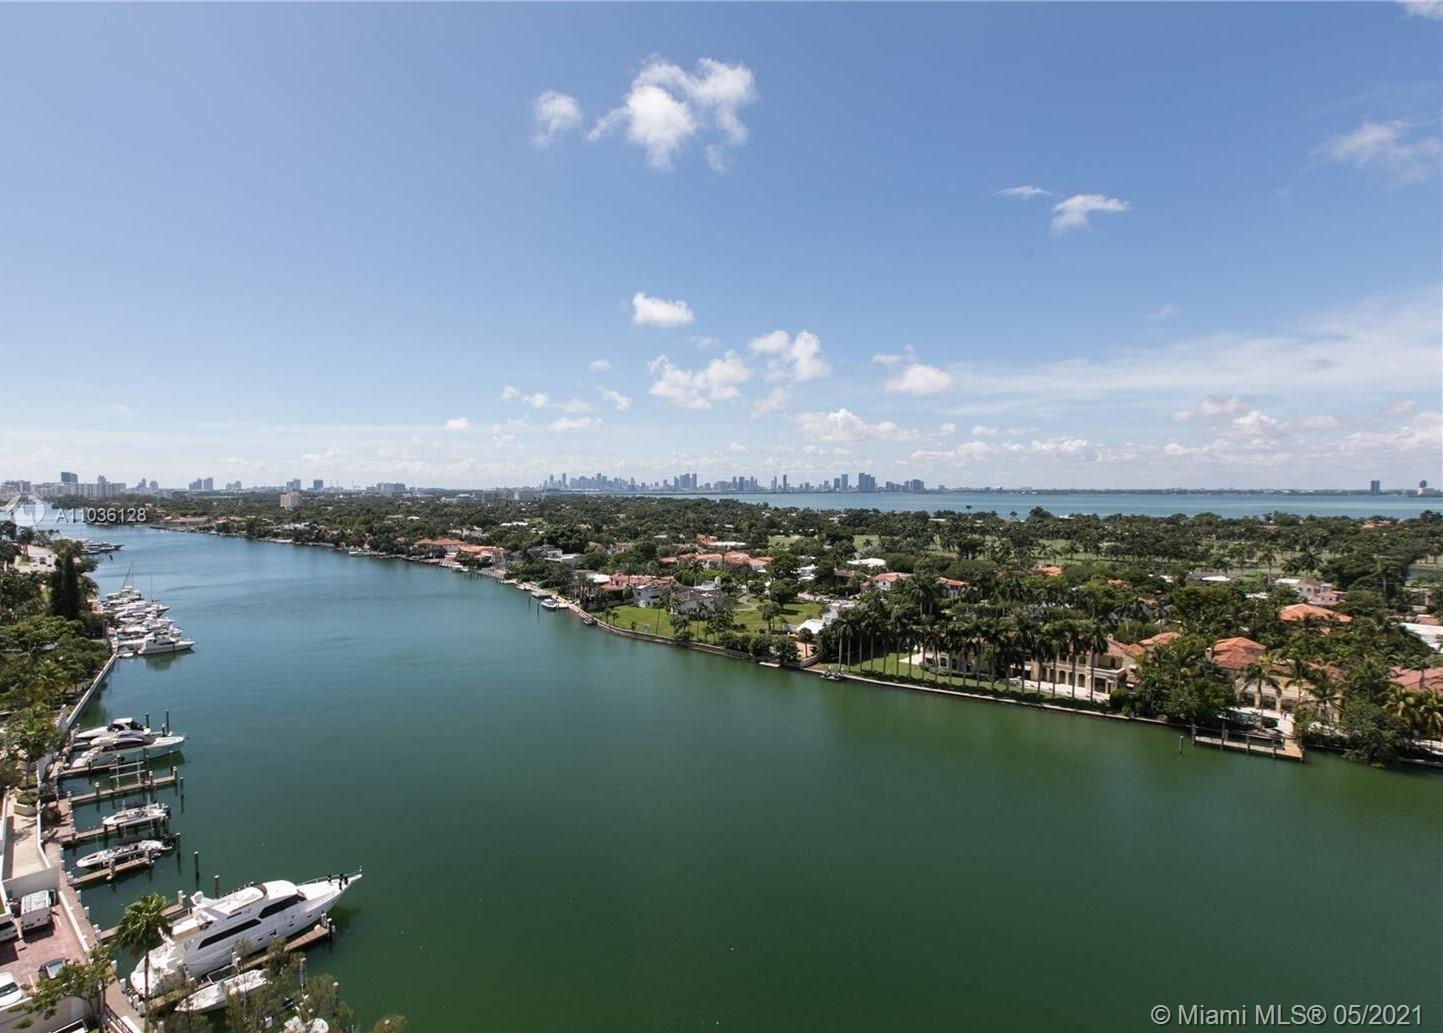 5600 Collins Ave #17P, Miami Beach, FL 33140 - #: A11036128